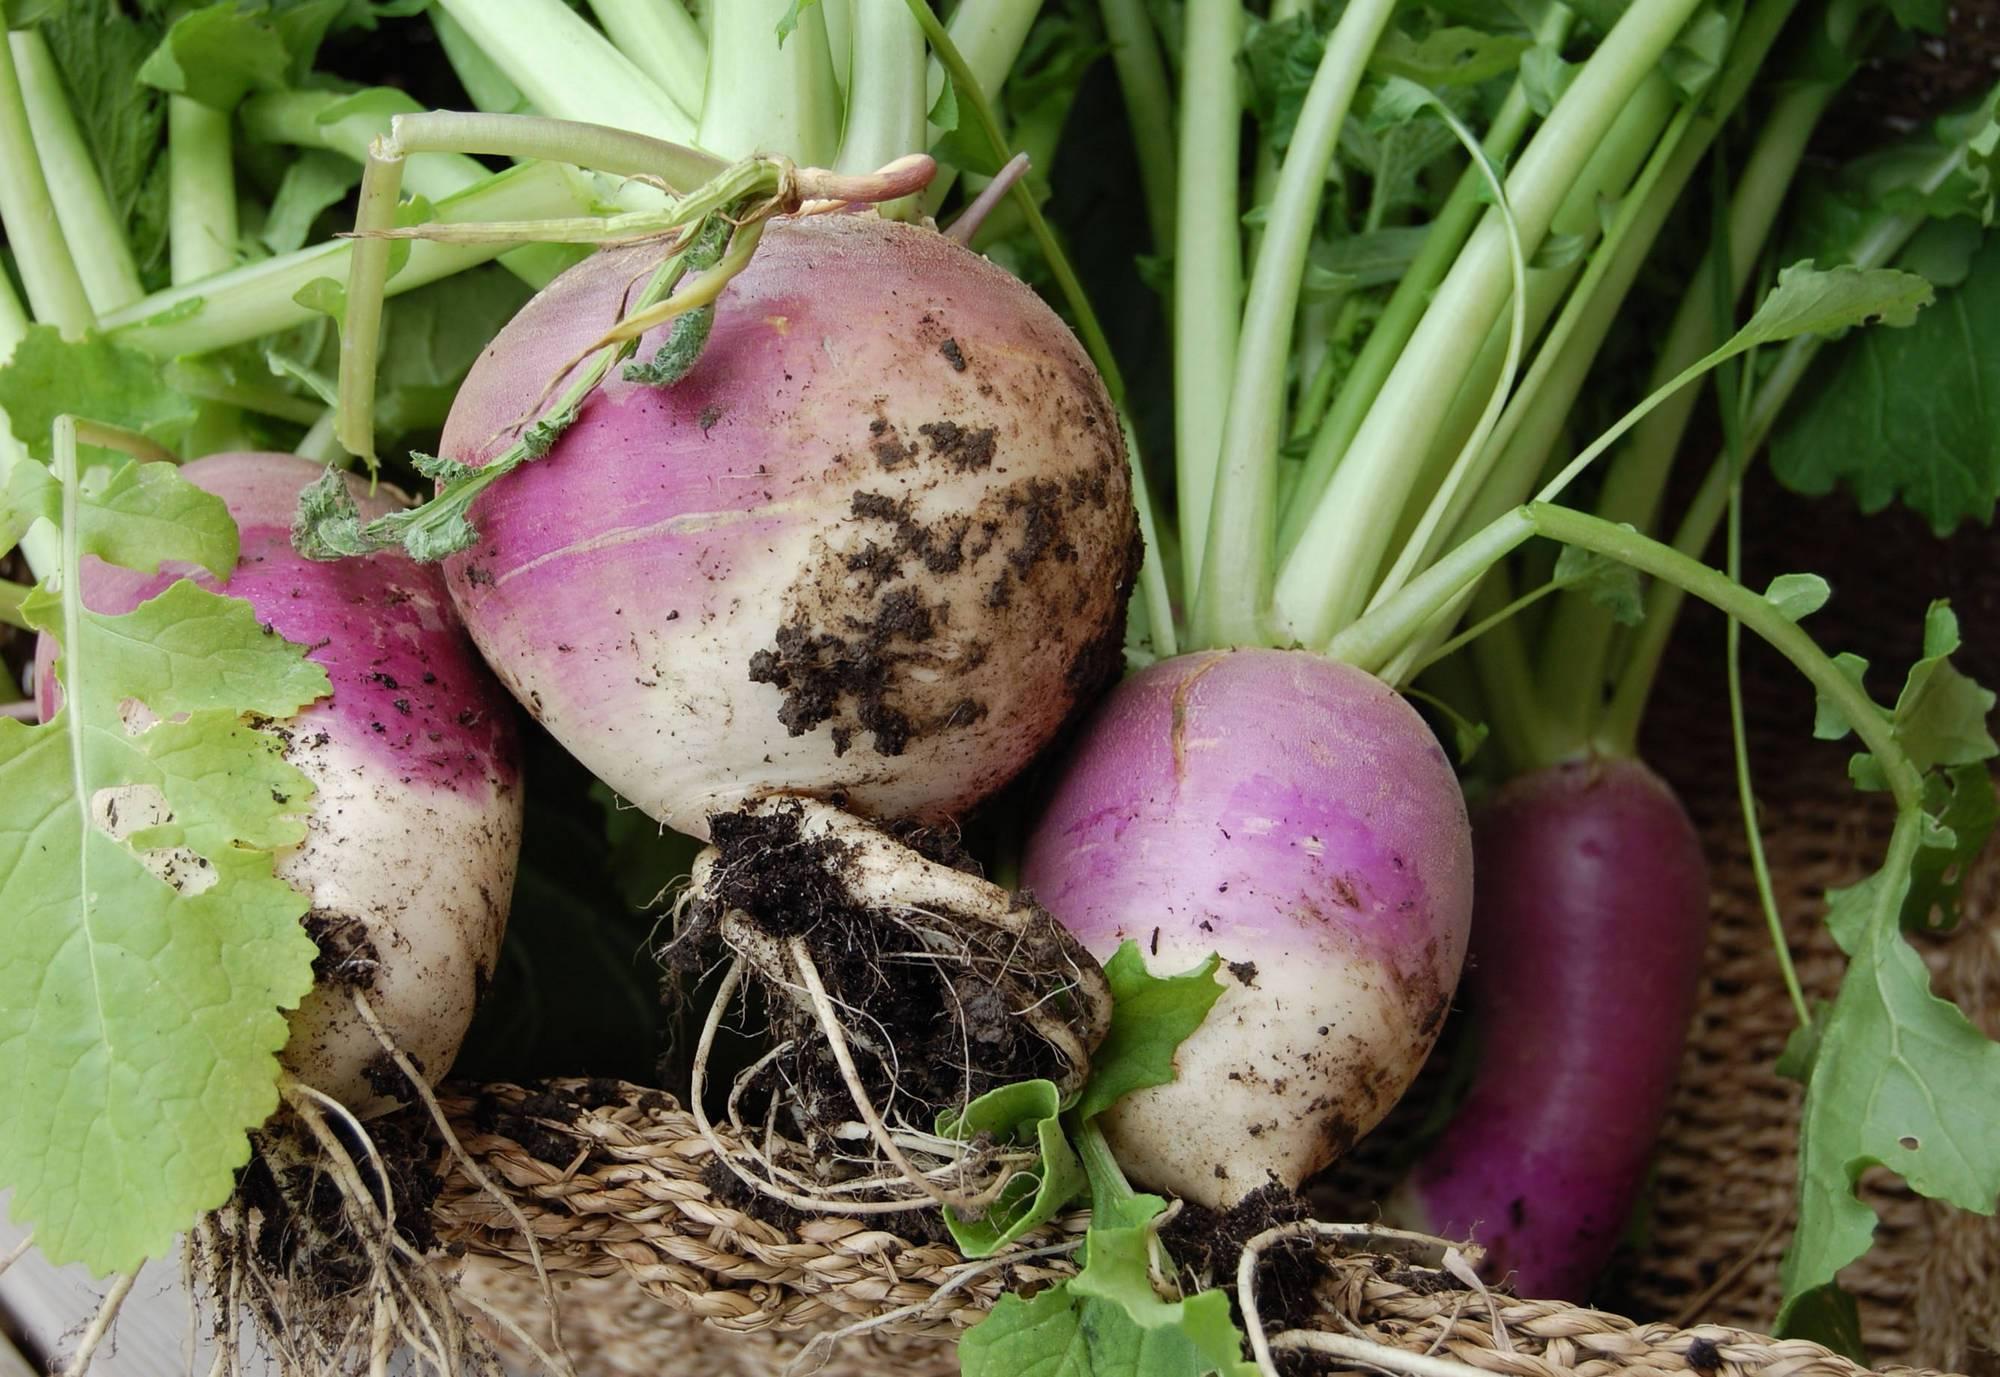 Как организовать посадку репы: сроки посева, выбор сорта, цены на семена, заделывание в открытый грунт и в теплицы